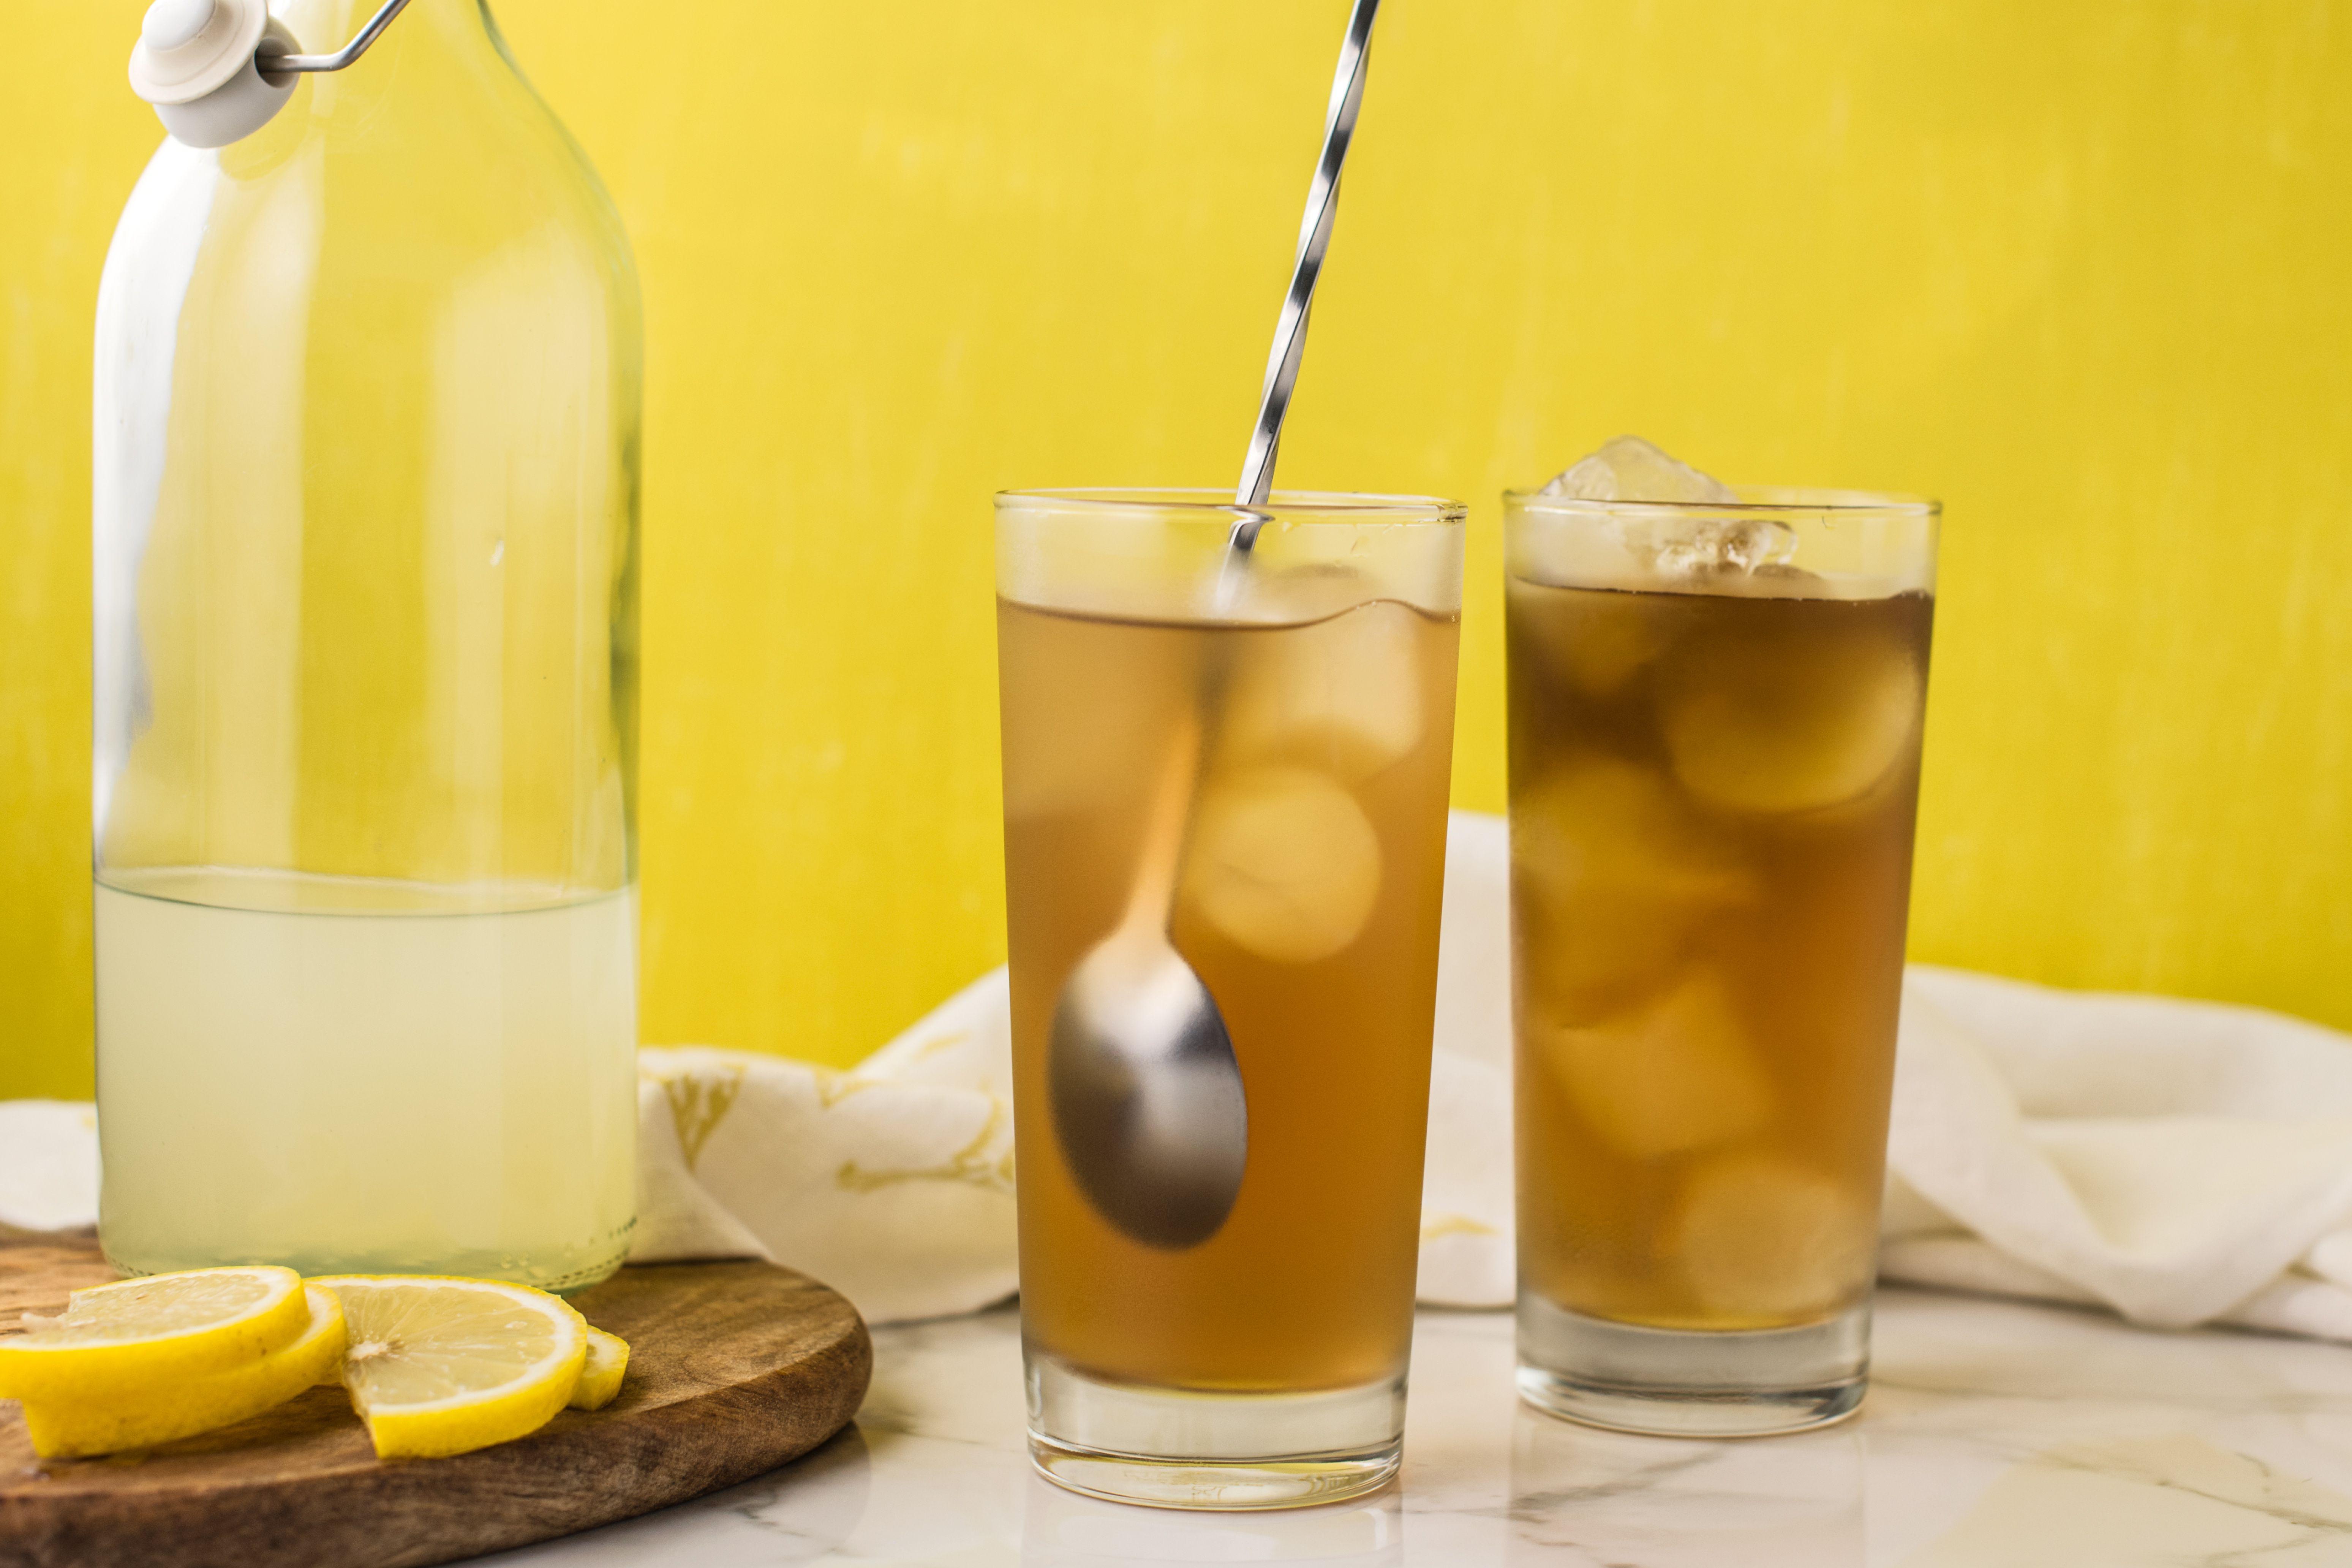 Stirring a glass of tea and lemonade